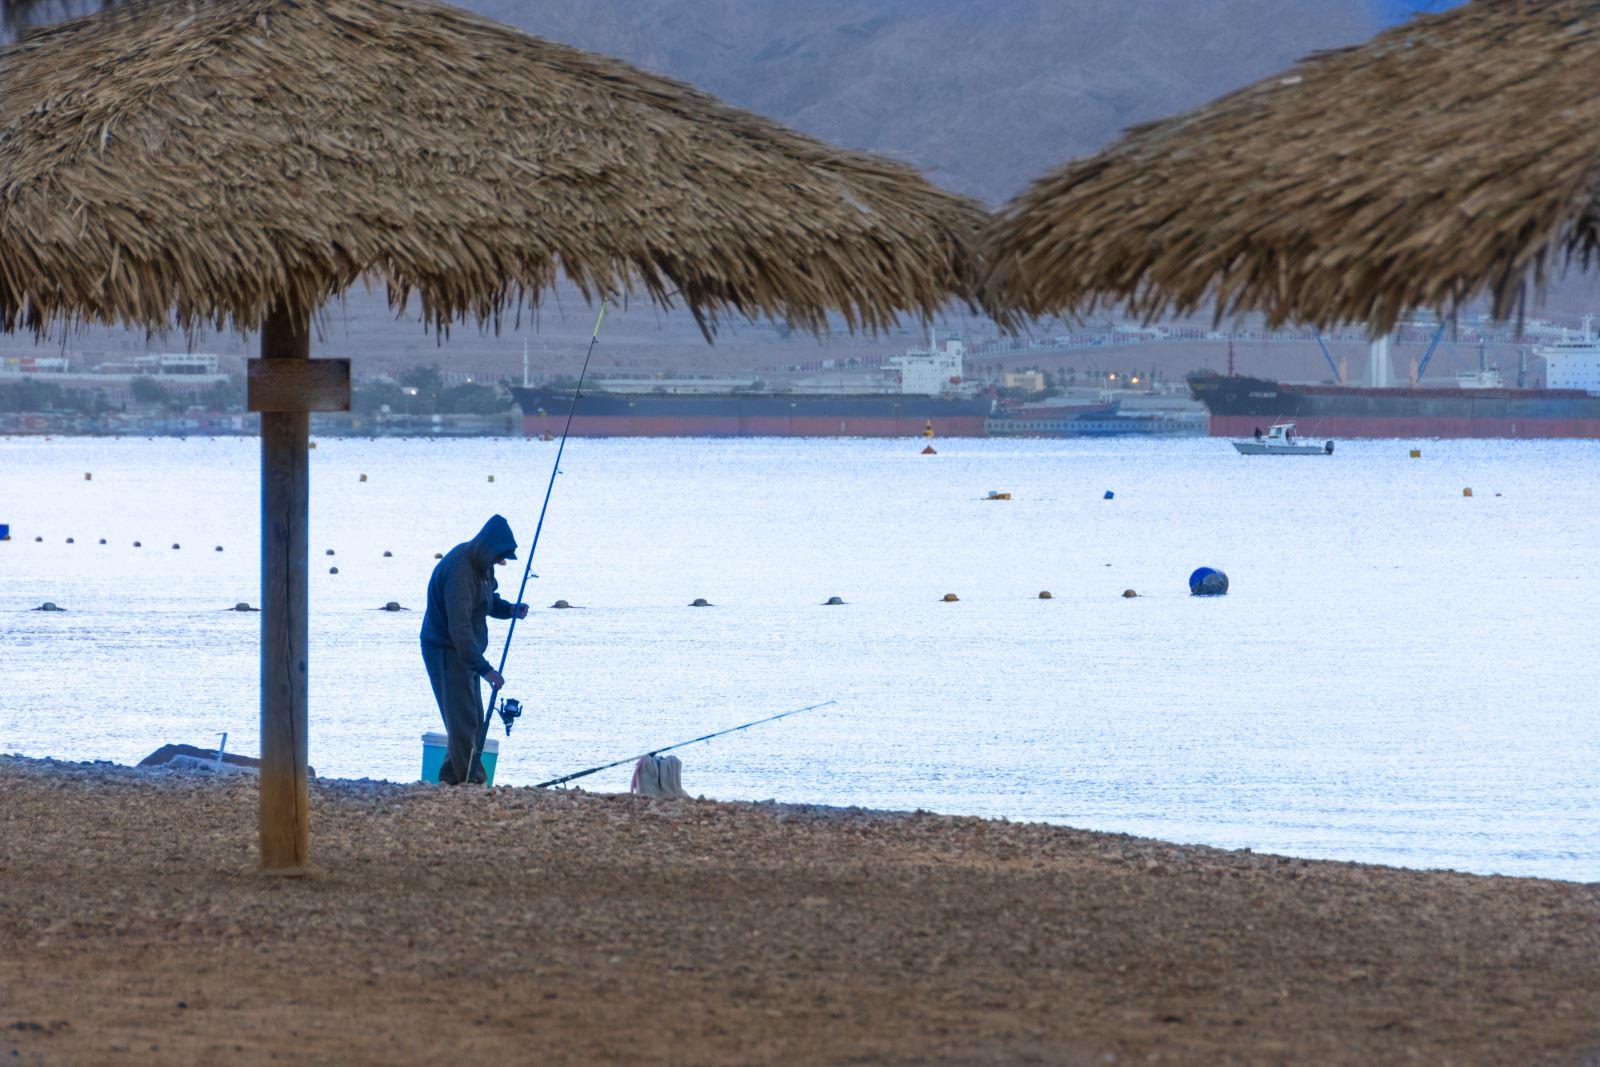 מה עונשו של אדם שדג תשעה דגים בשמורת האלמוגים באילת?